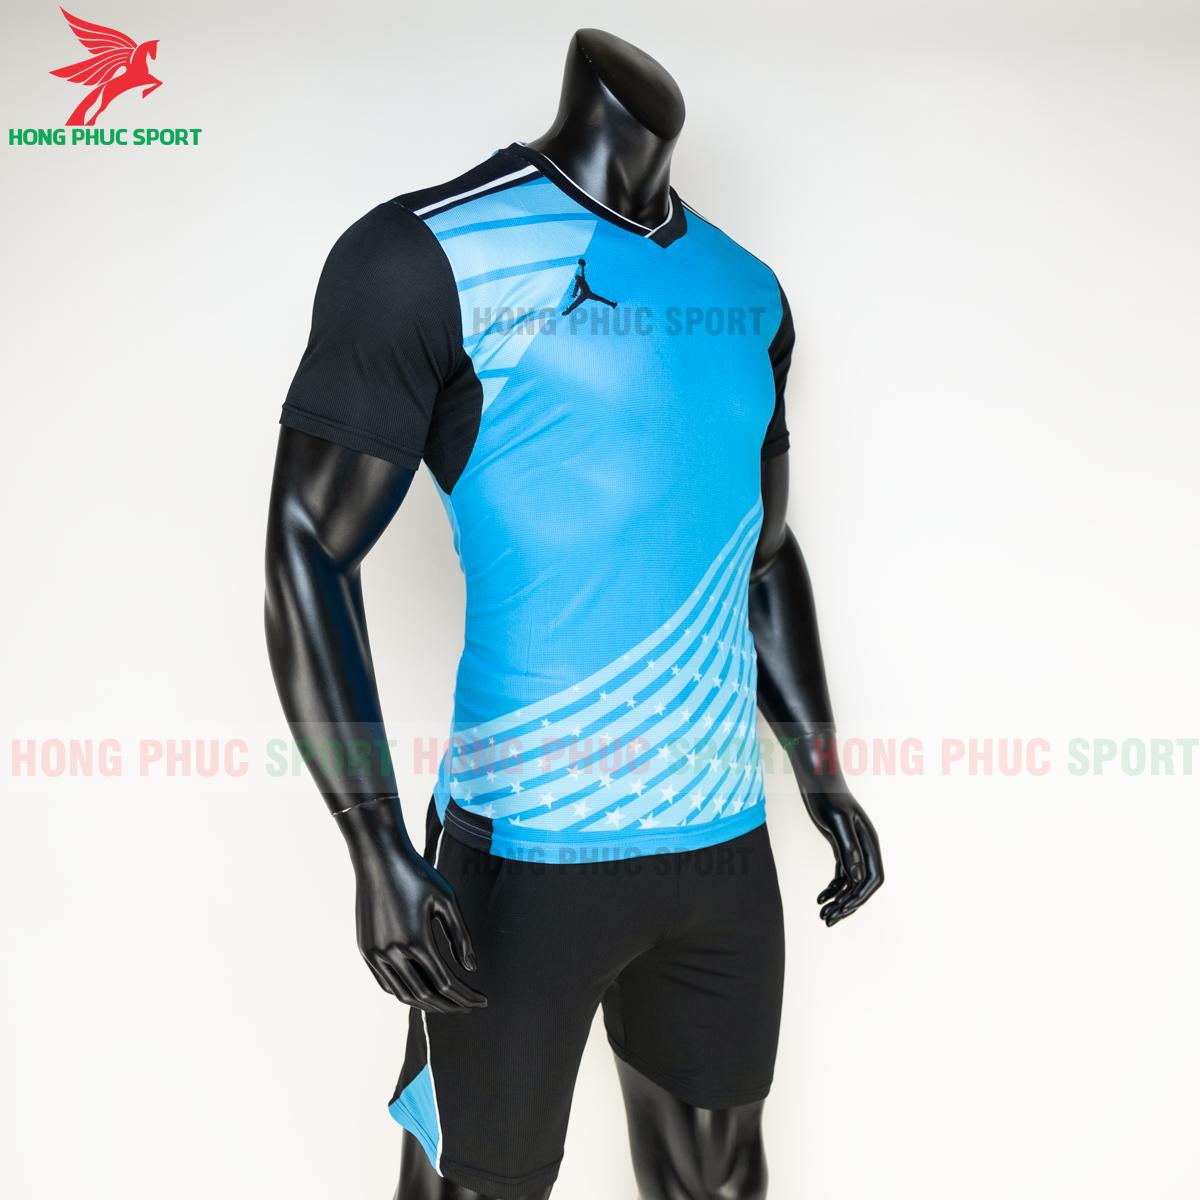 Quần áo bóng chuyền Jordan 2020 mẫu 2 (phải)